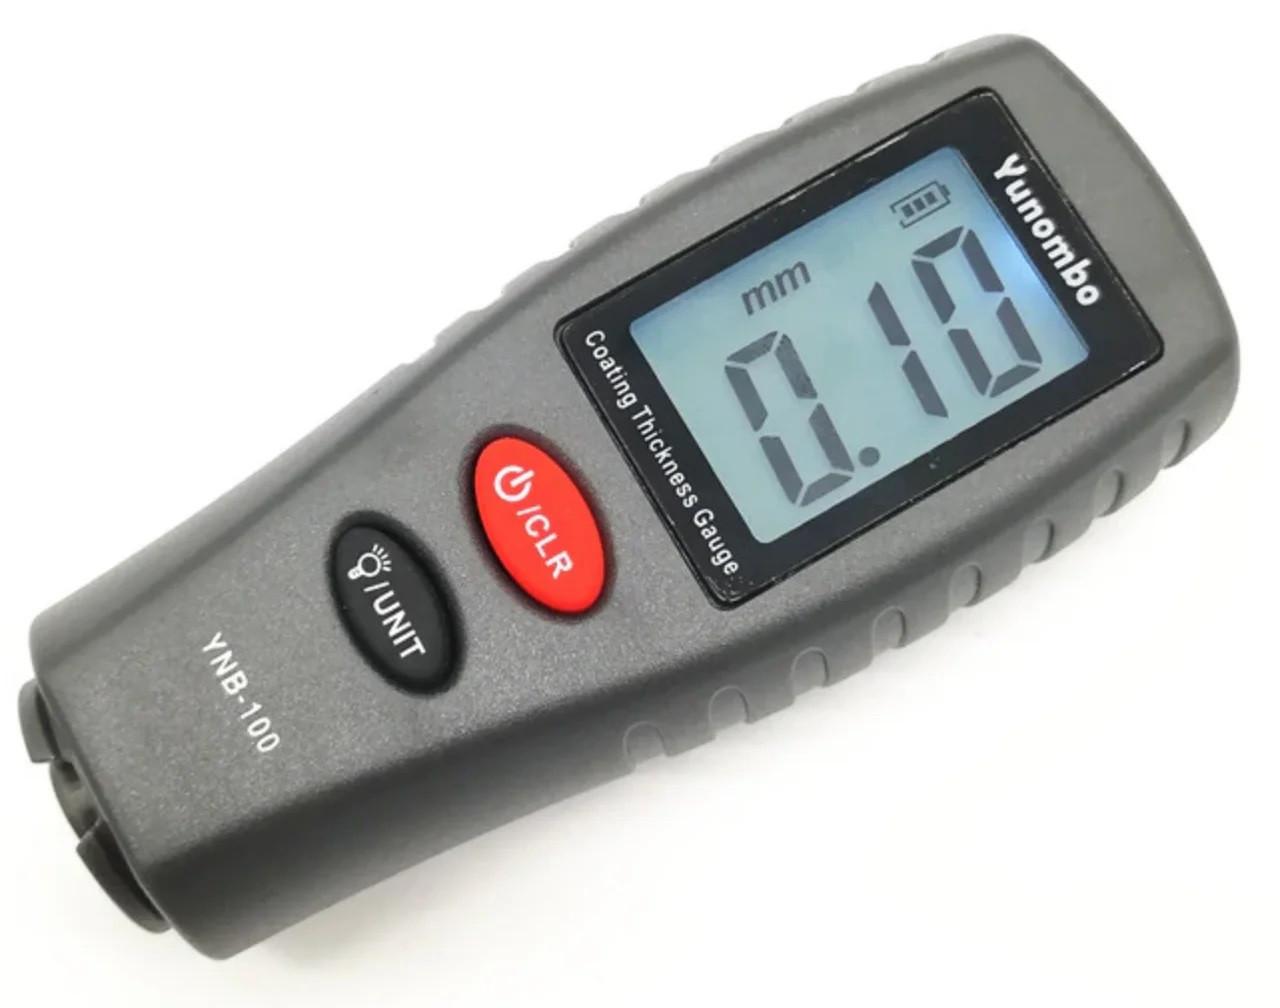 Товщиномір автомобільний Yunombo YNB-100 (вимірювач товщини автомобільної фарби)